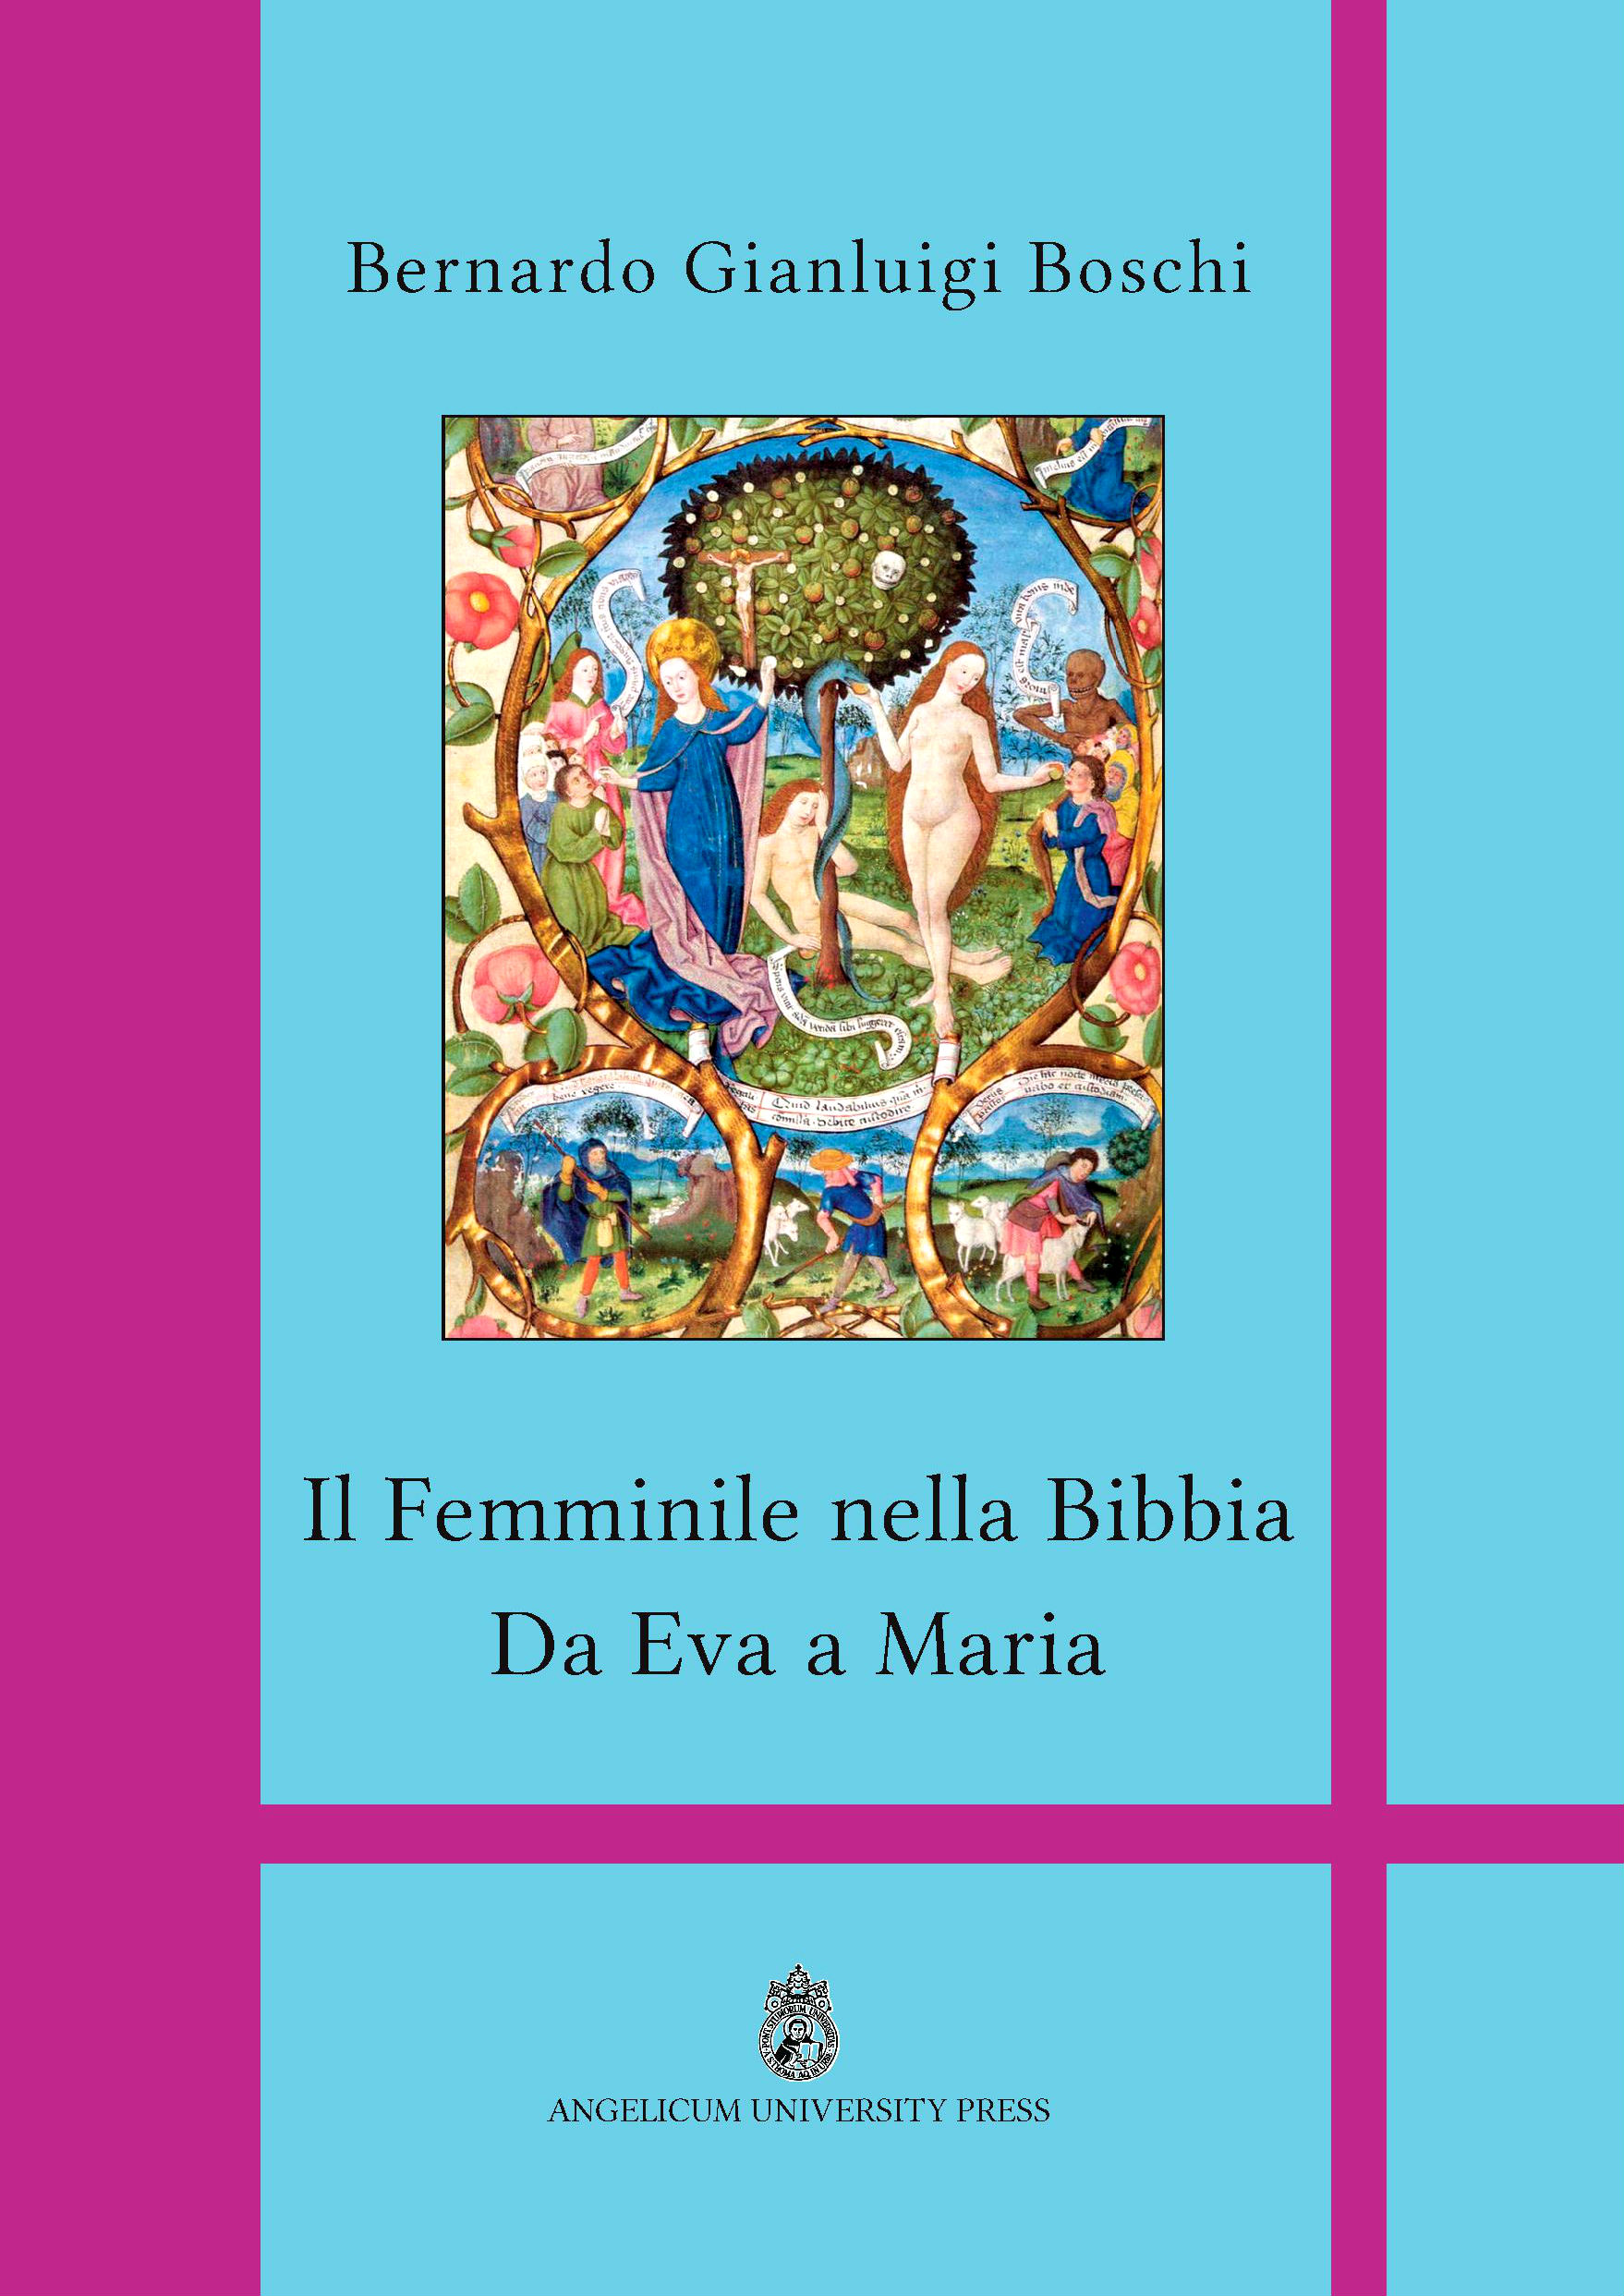 Il femminile nella Bibbia. Da Eva a Maria book cover